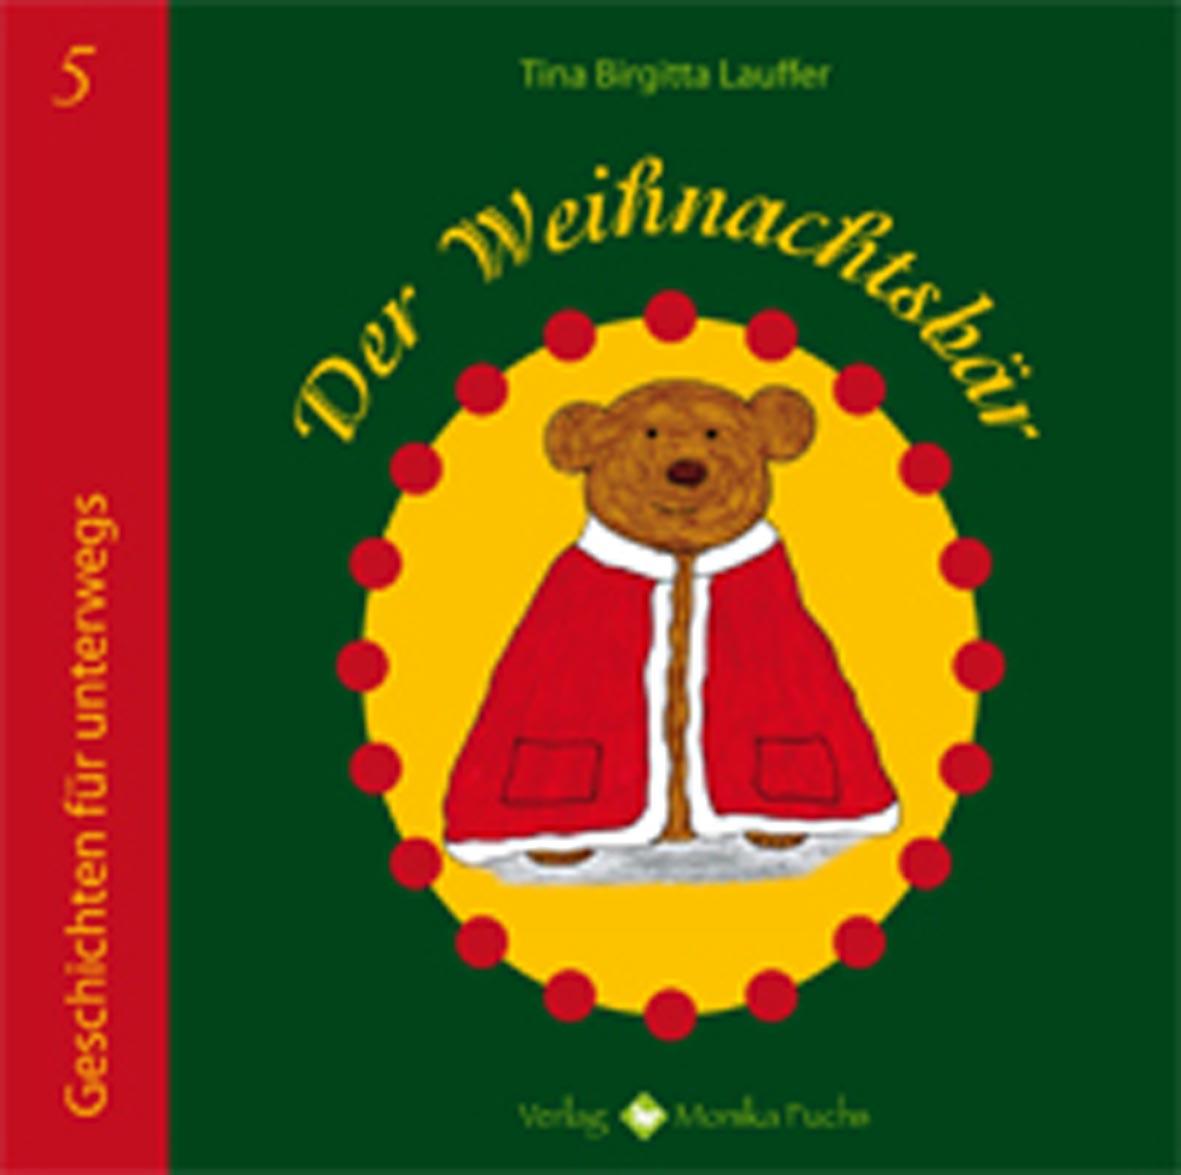 Tina Birgitta Lauffer - Der Weihnachtsbaer